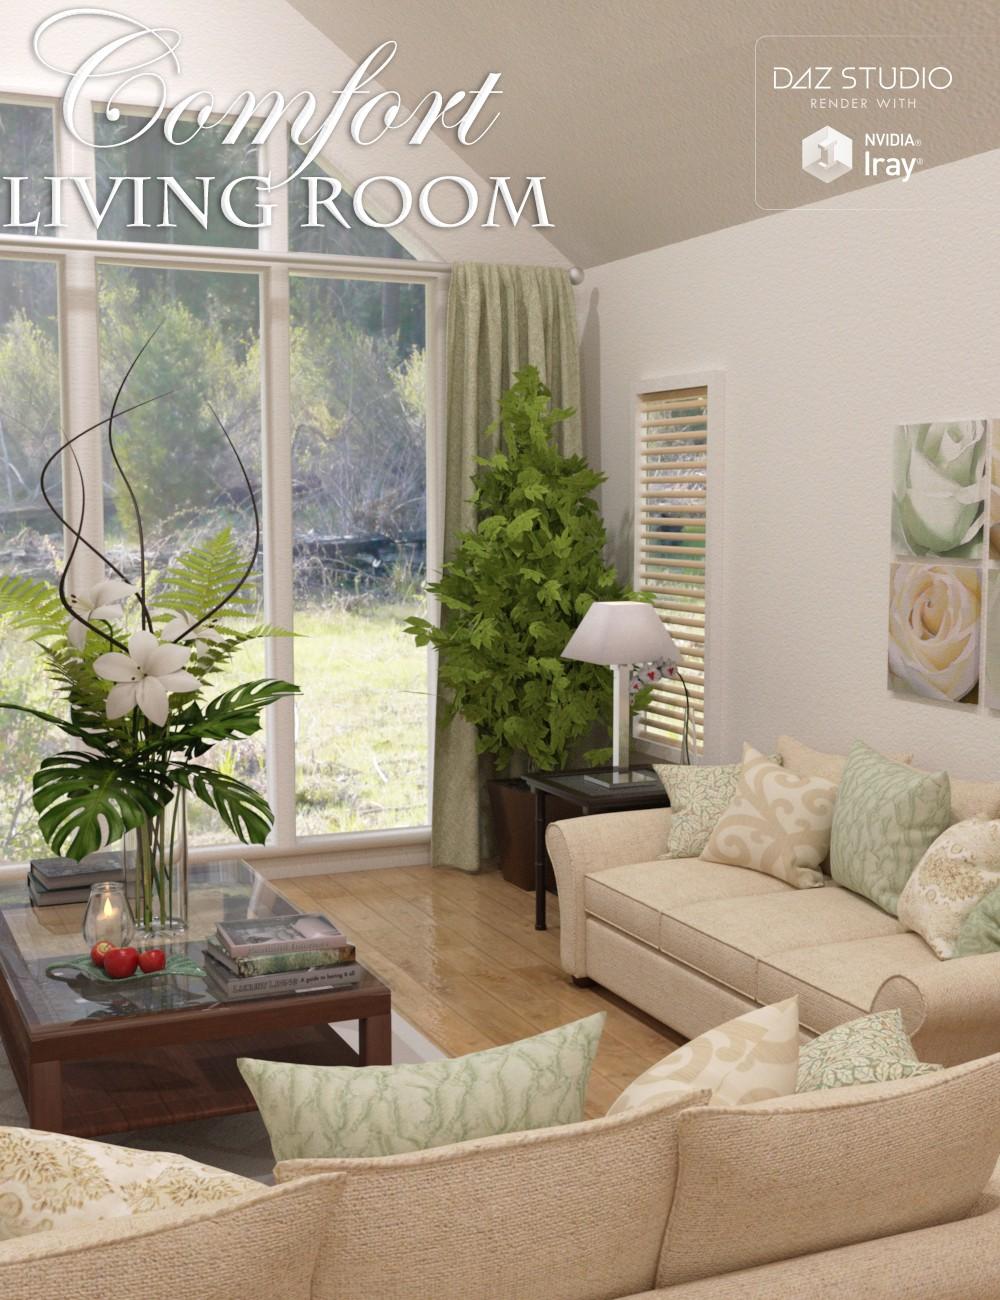 Download daz studio 3 for free daz 3d comfort living room for Living room 2 for daz studio